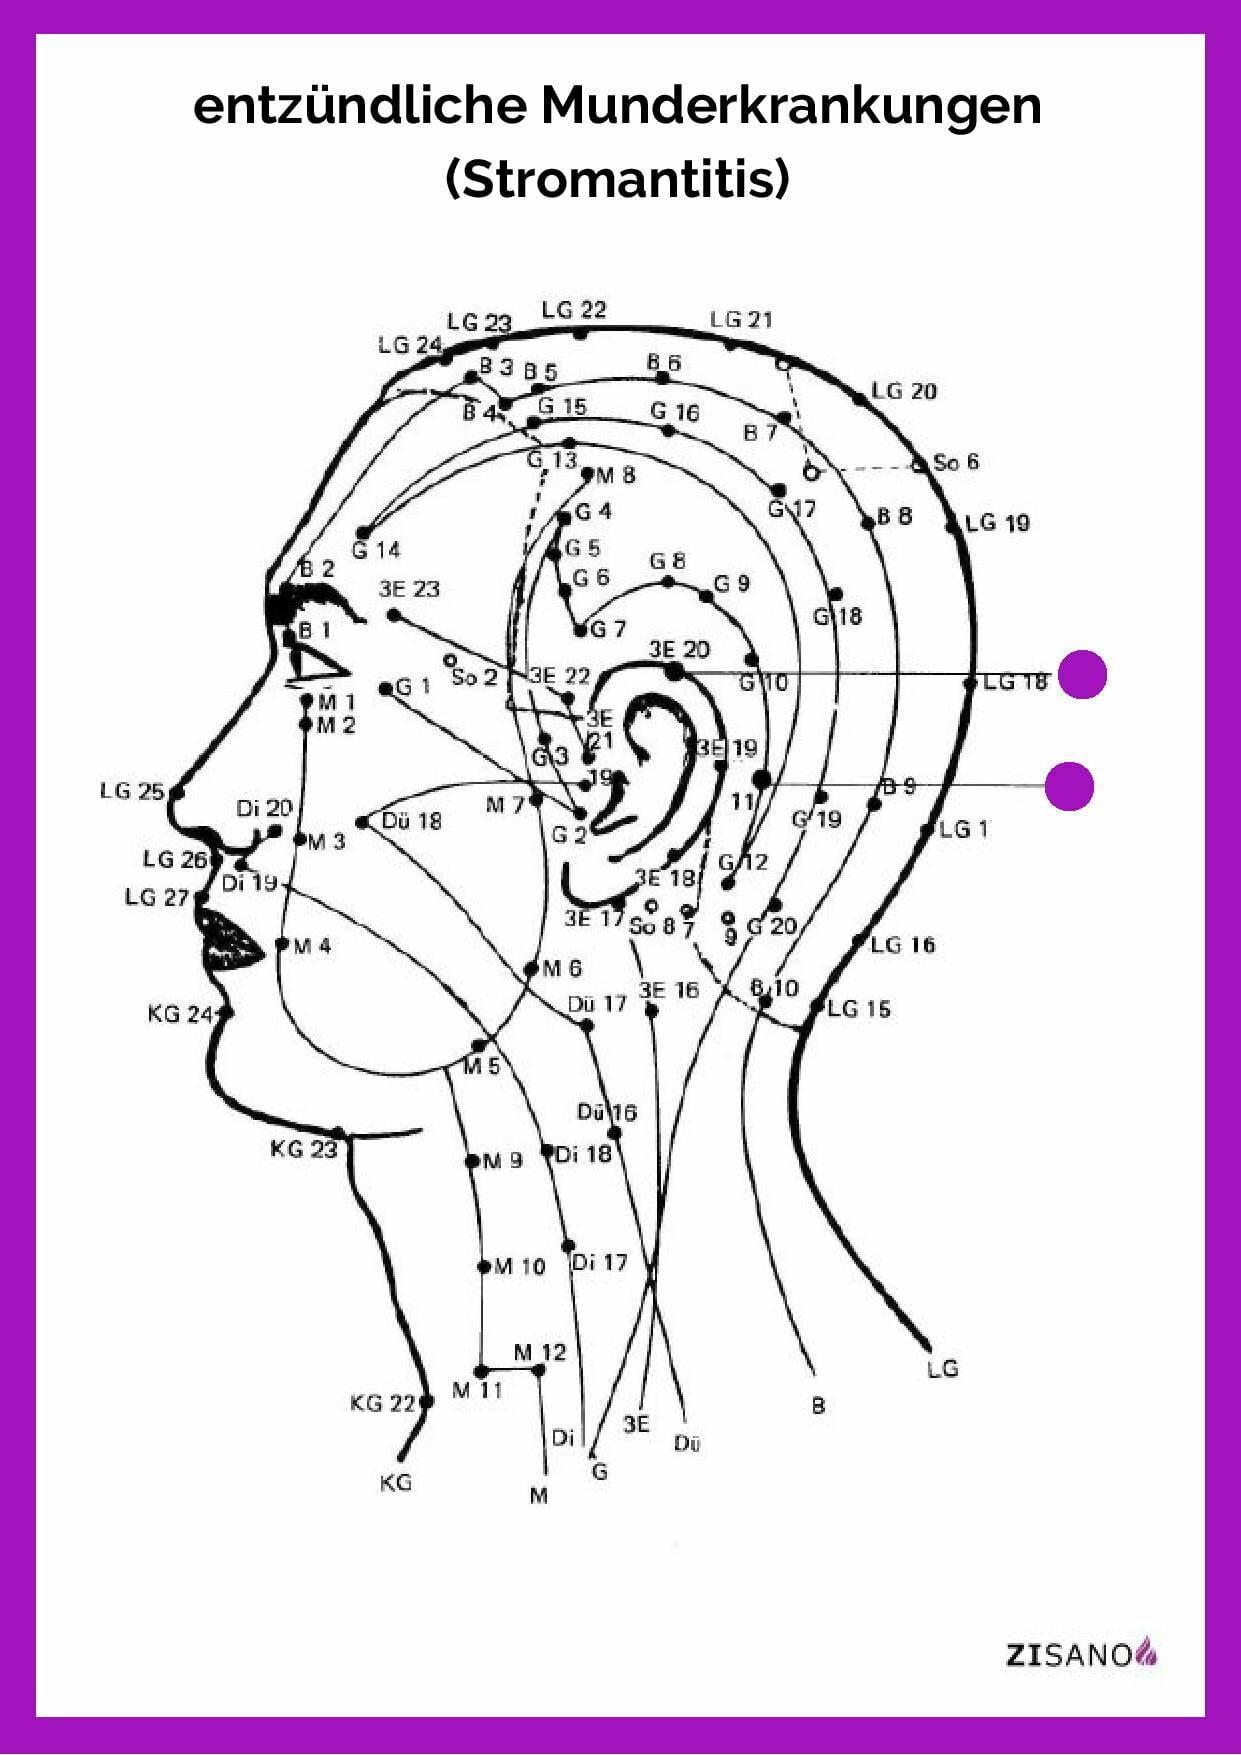 Meridiane - Munderkrankungen entzündlich - Stromantitis - Beschwerden